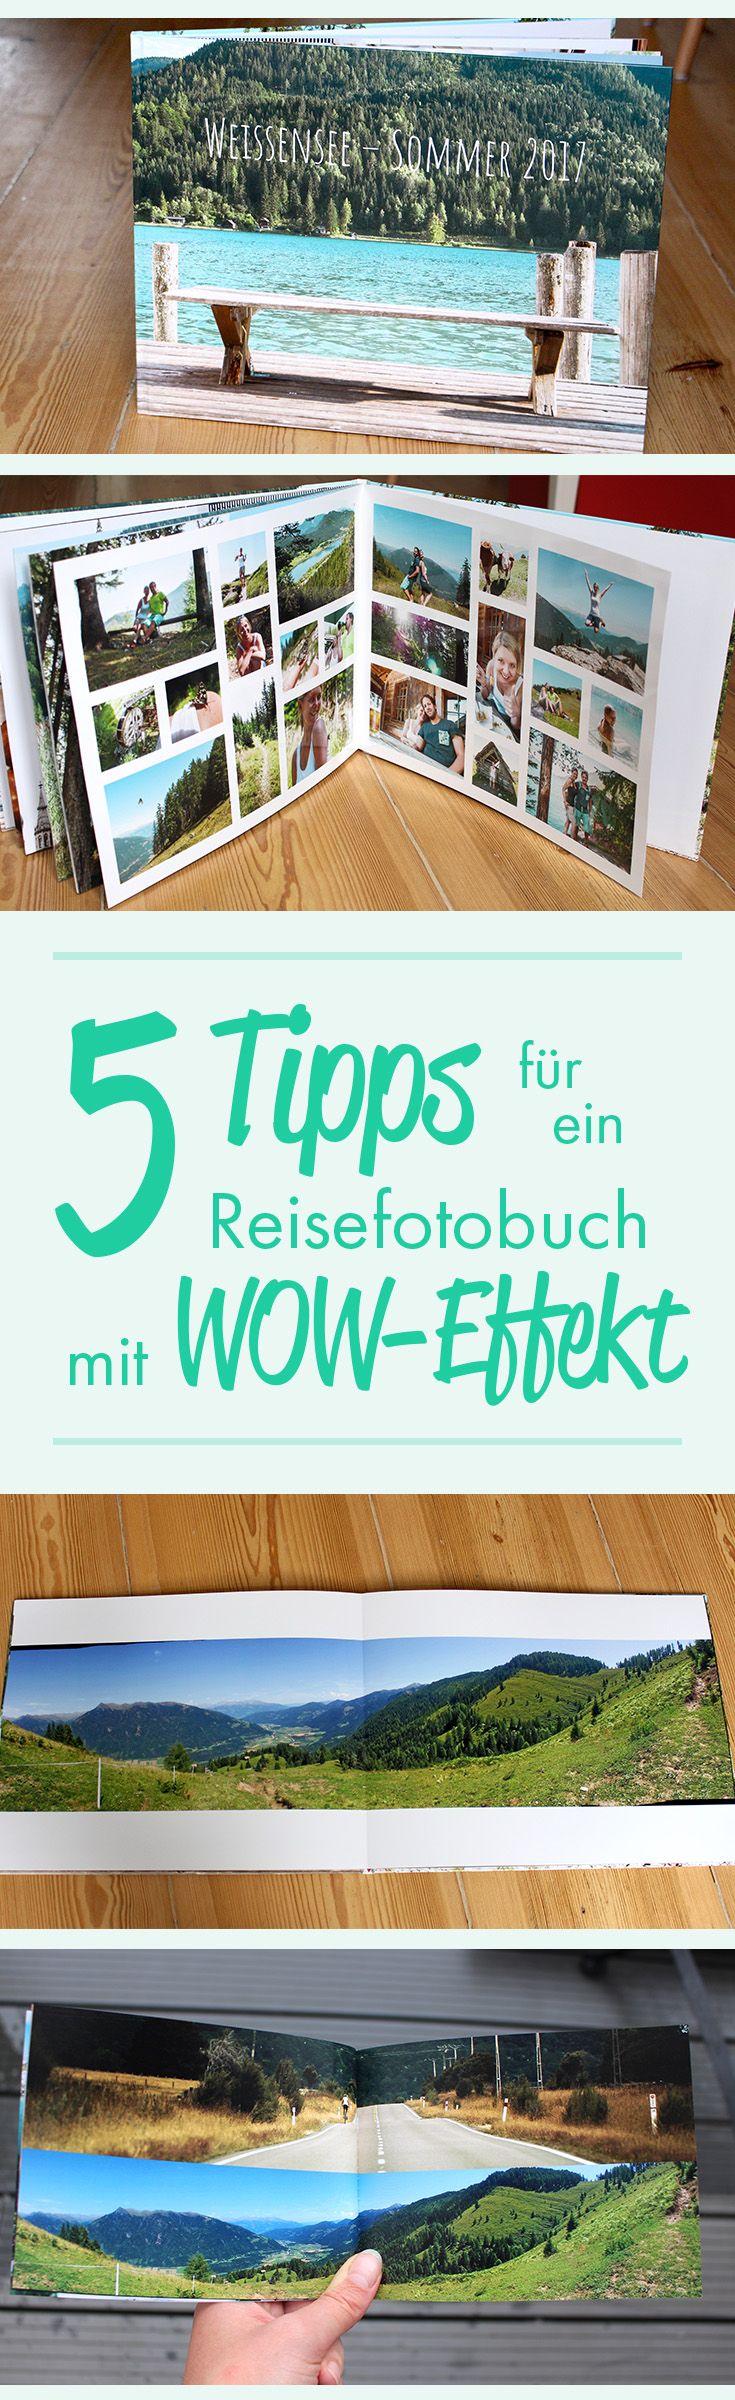 5 tipps f r ein reisefotobuch mit wow effekt fotobuch. Black Bedroom Furniture Sets. Home Design Ideas